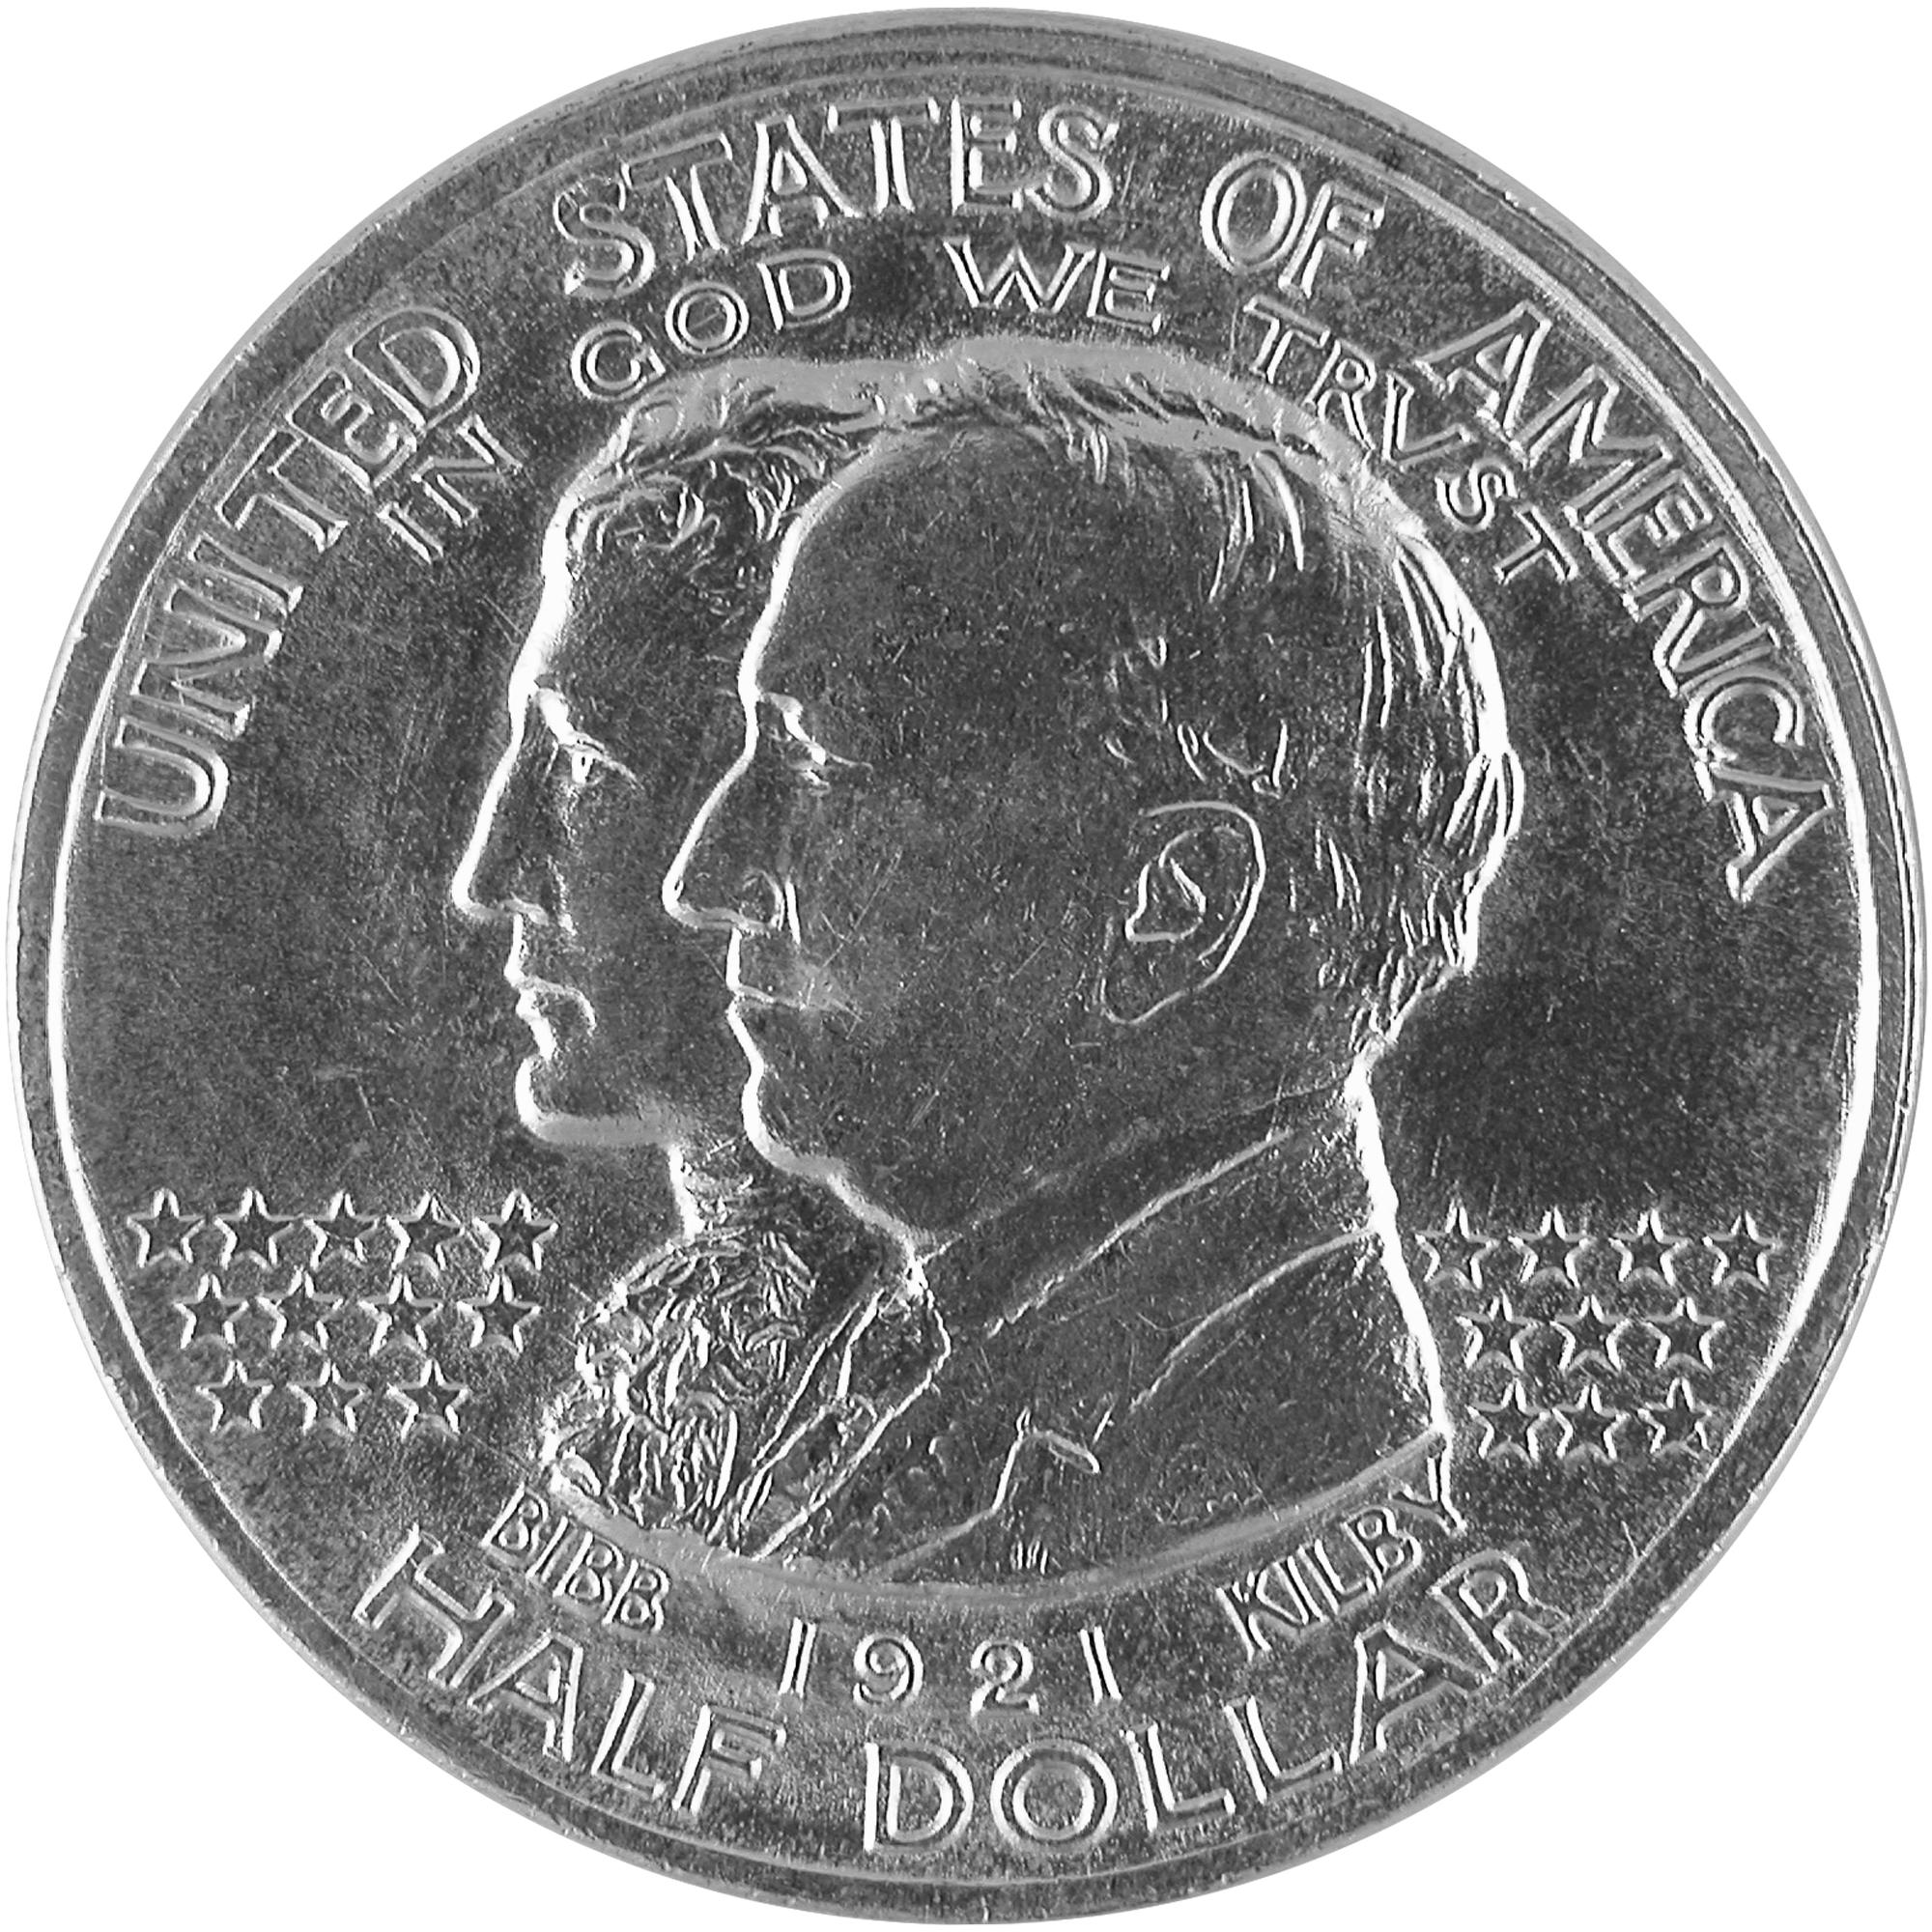 1921 Alabama Centennial Commemorative Silver Half Dollar Coin Obverse